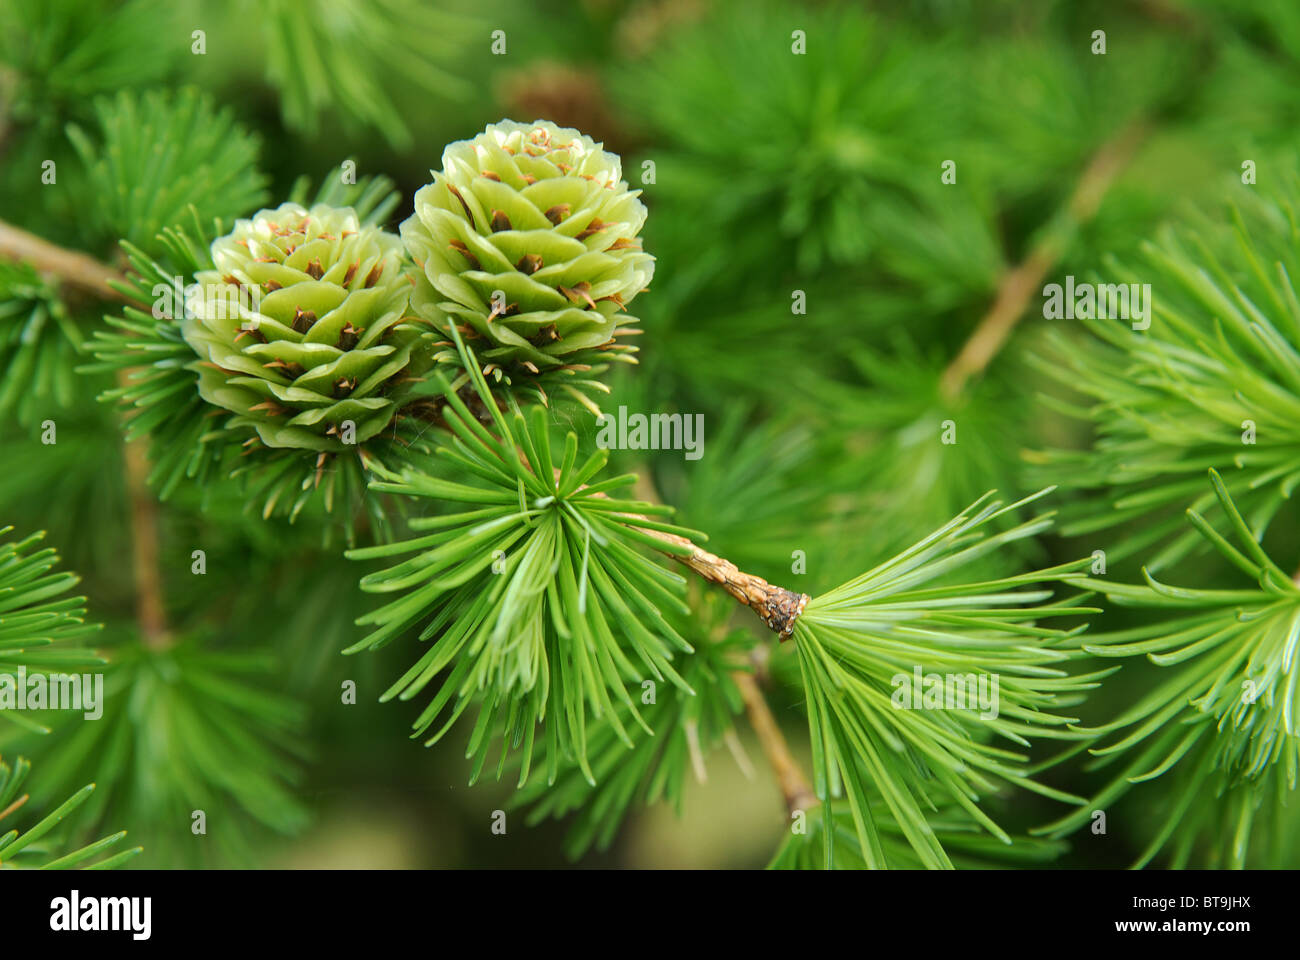 Larch Cones Stock Photos & Larch Cones Stock Images